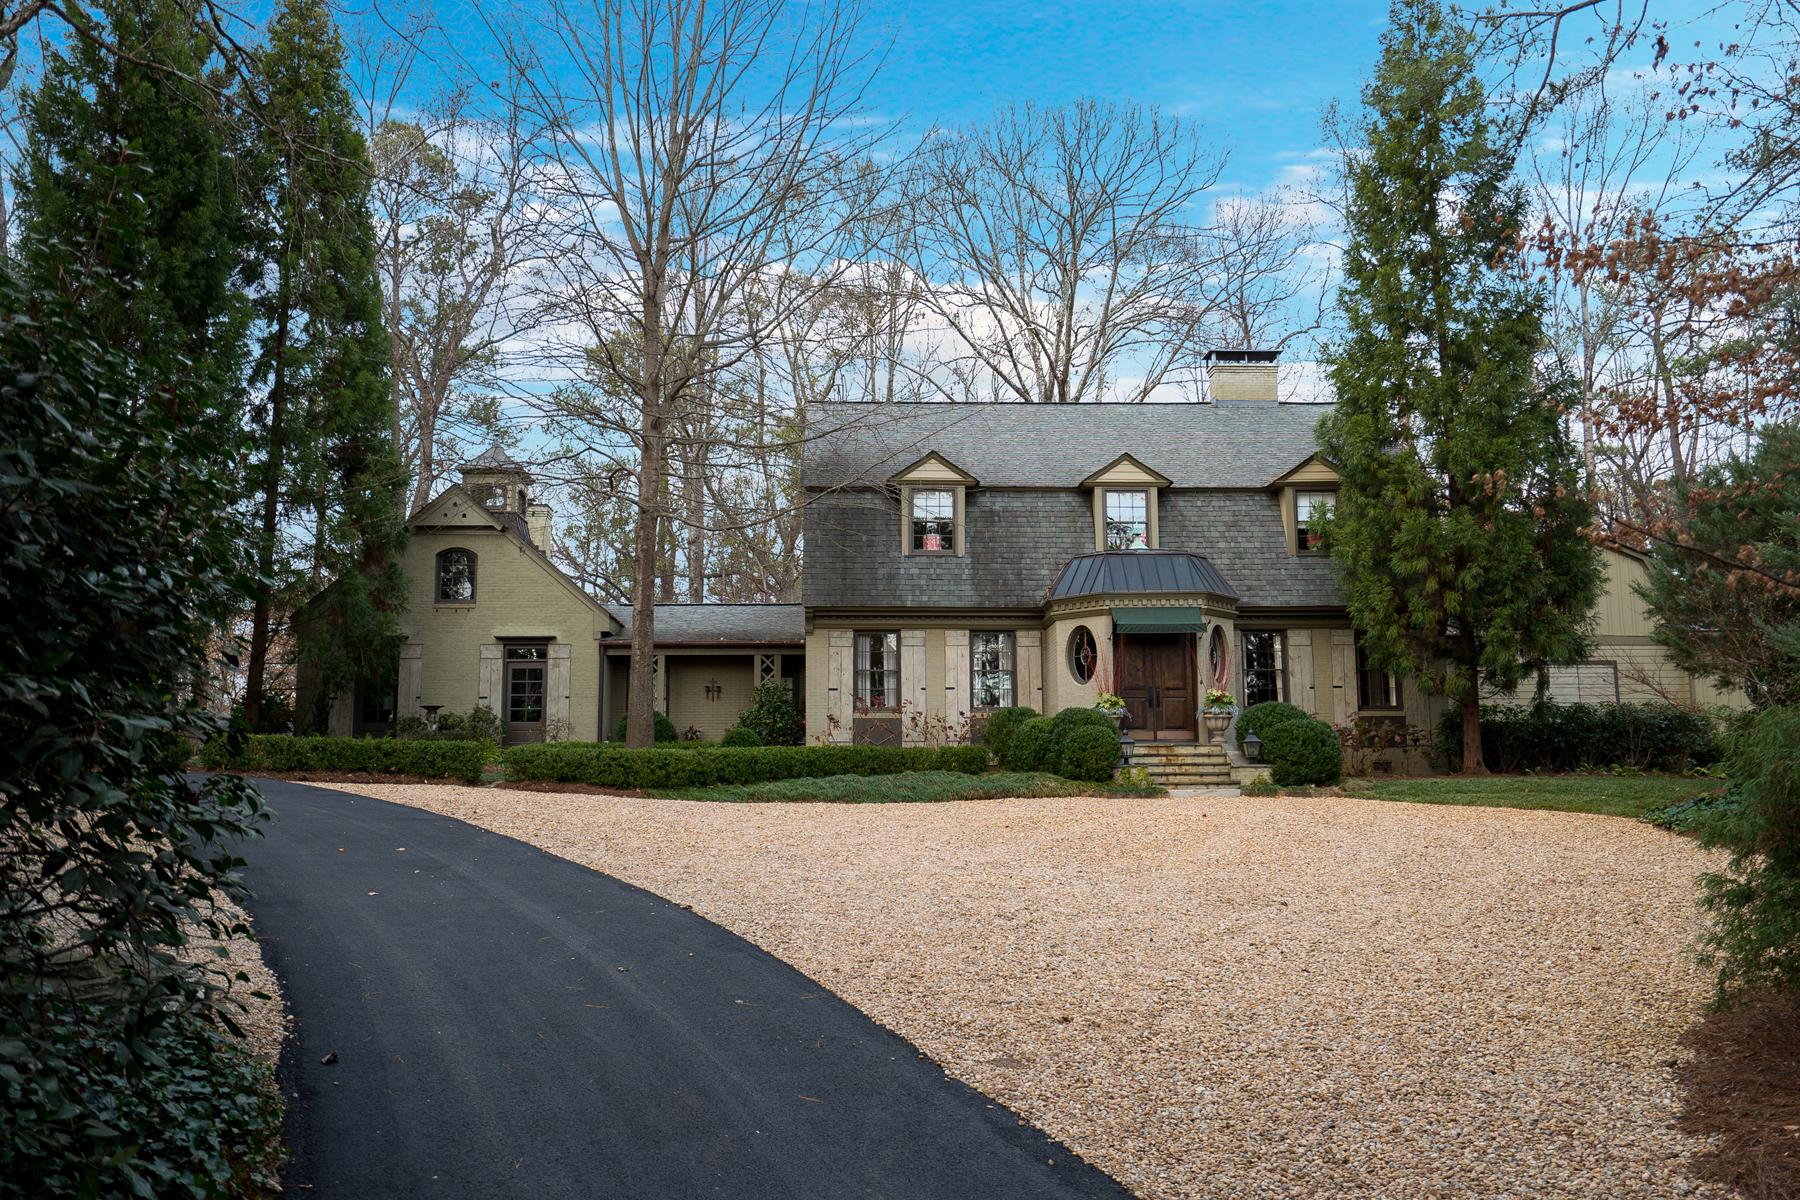 Частный односемейный дом для того Продажа на Sophisticated Chastain Park Home 537 Hillside Drive NW Atlanta, Джорджия 30342 Соединенные Штаты